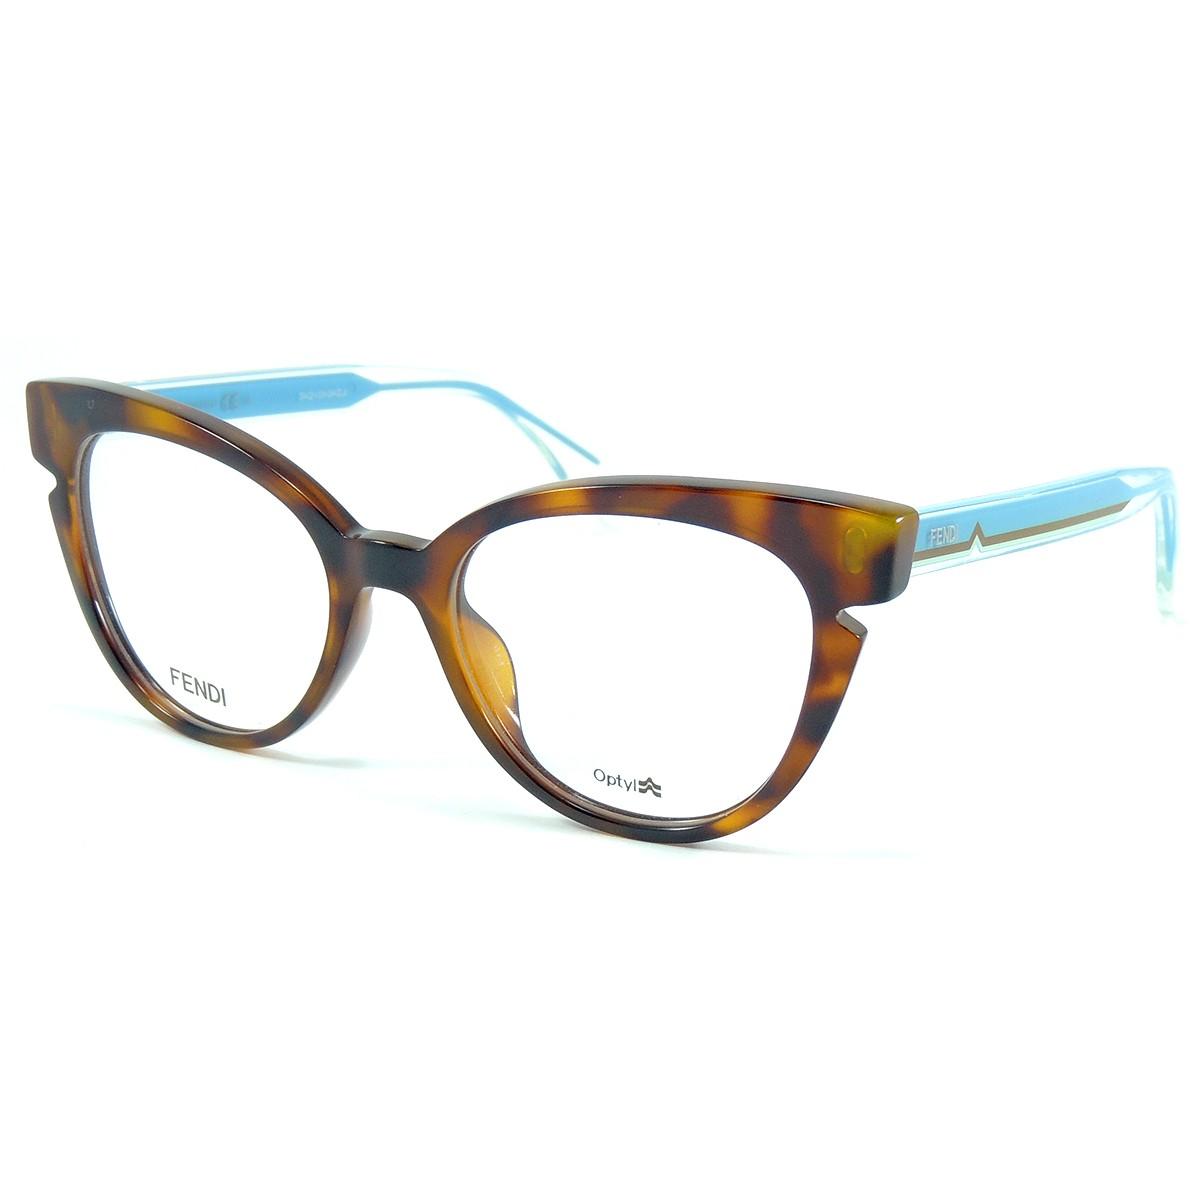 5be4391a6115d Compre Óculos de Grau Fendi em 10X   Tri-Jóia Shop